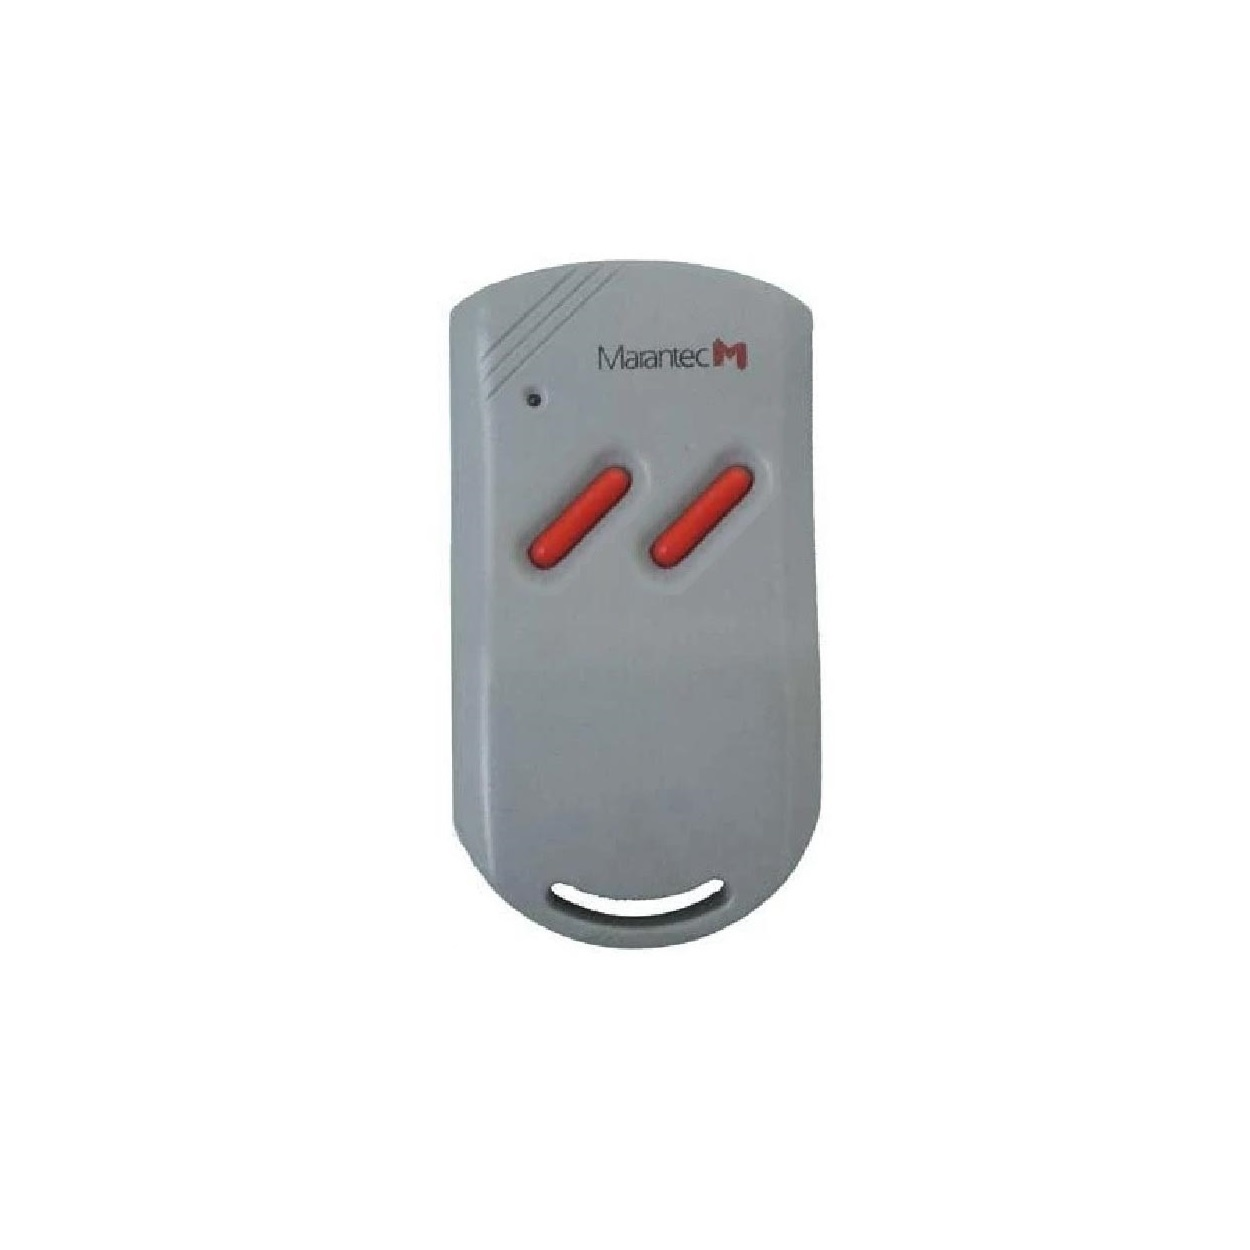 Marantec Digital 212 - 433 MHz - 2 kanaals handzender